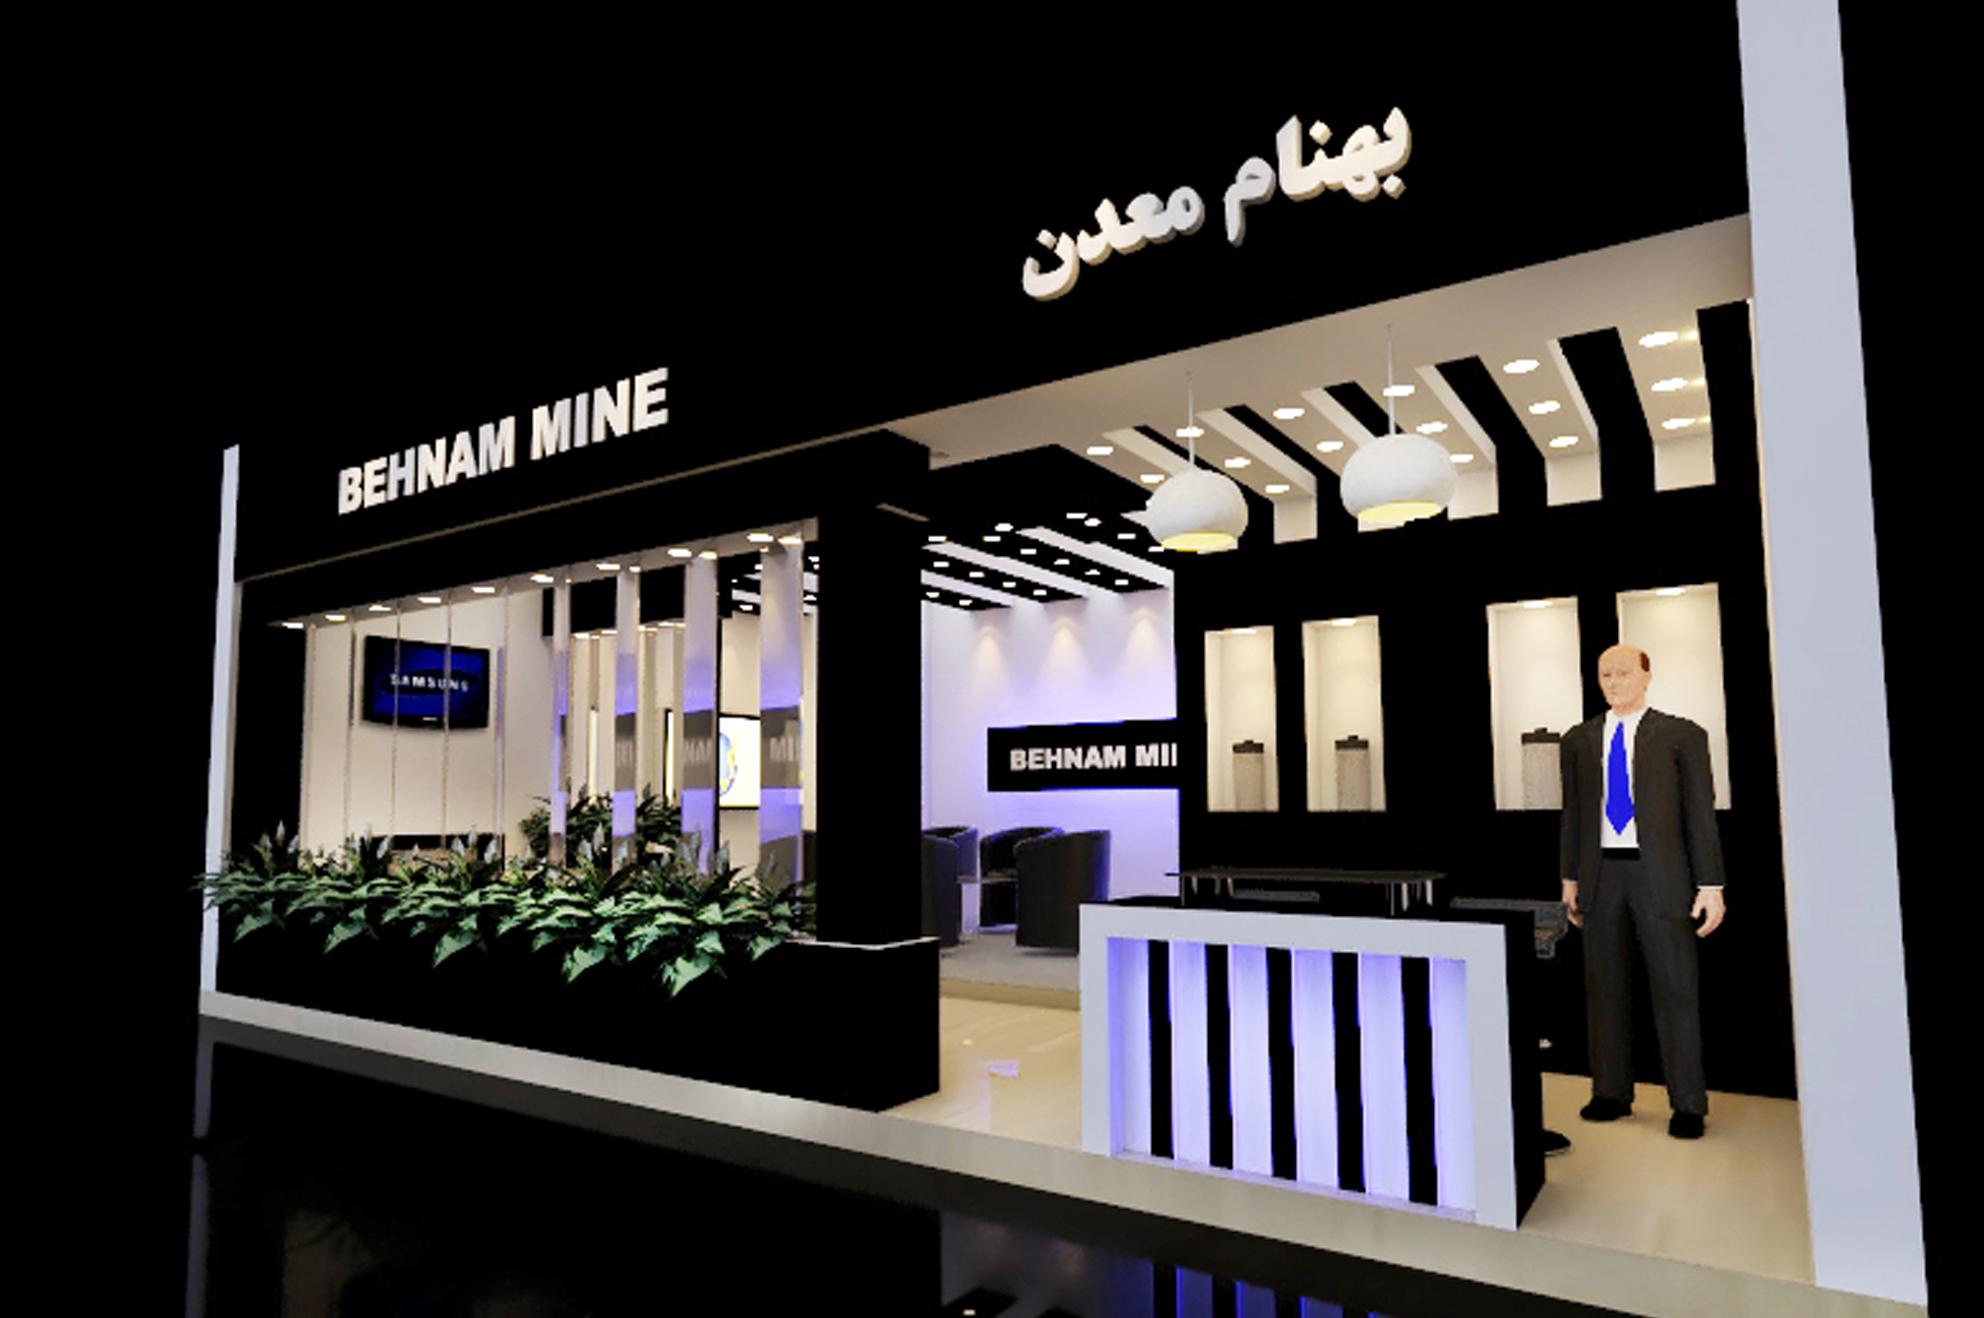 بهنام معدن - غرفه سازی نمایشگاهی-طراحی واحرای غرفه های نمایشگاهی